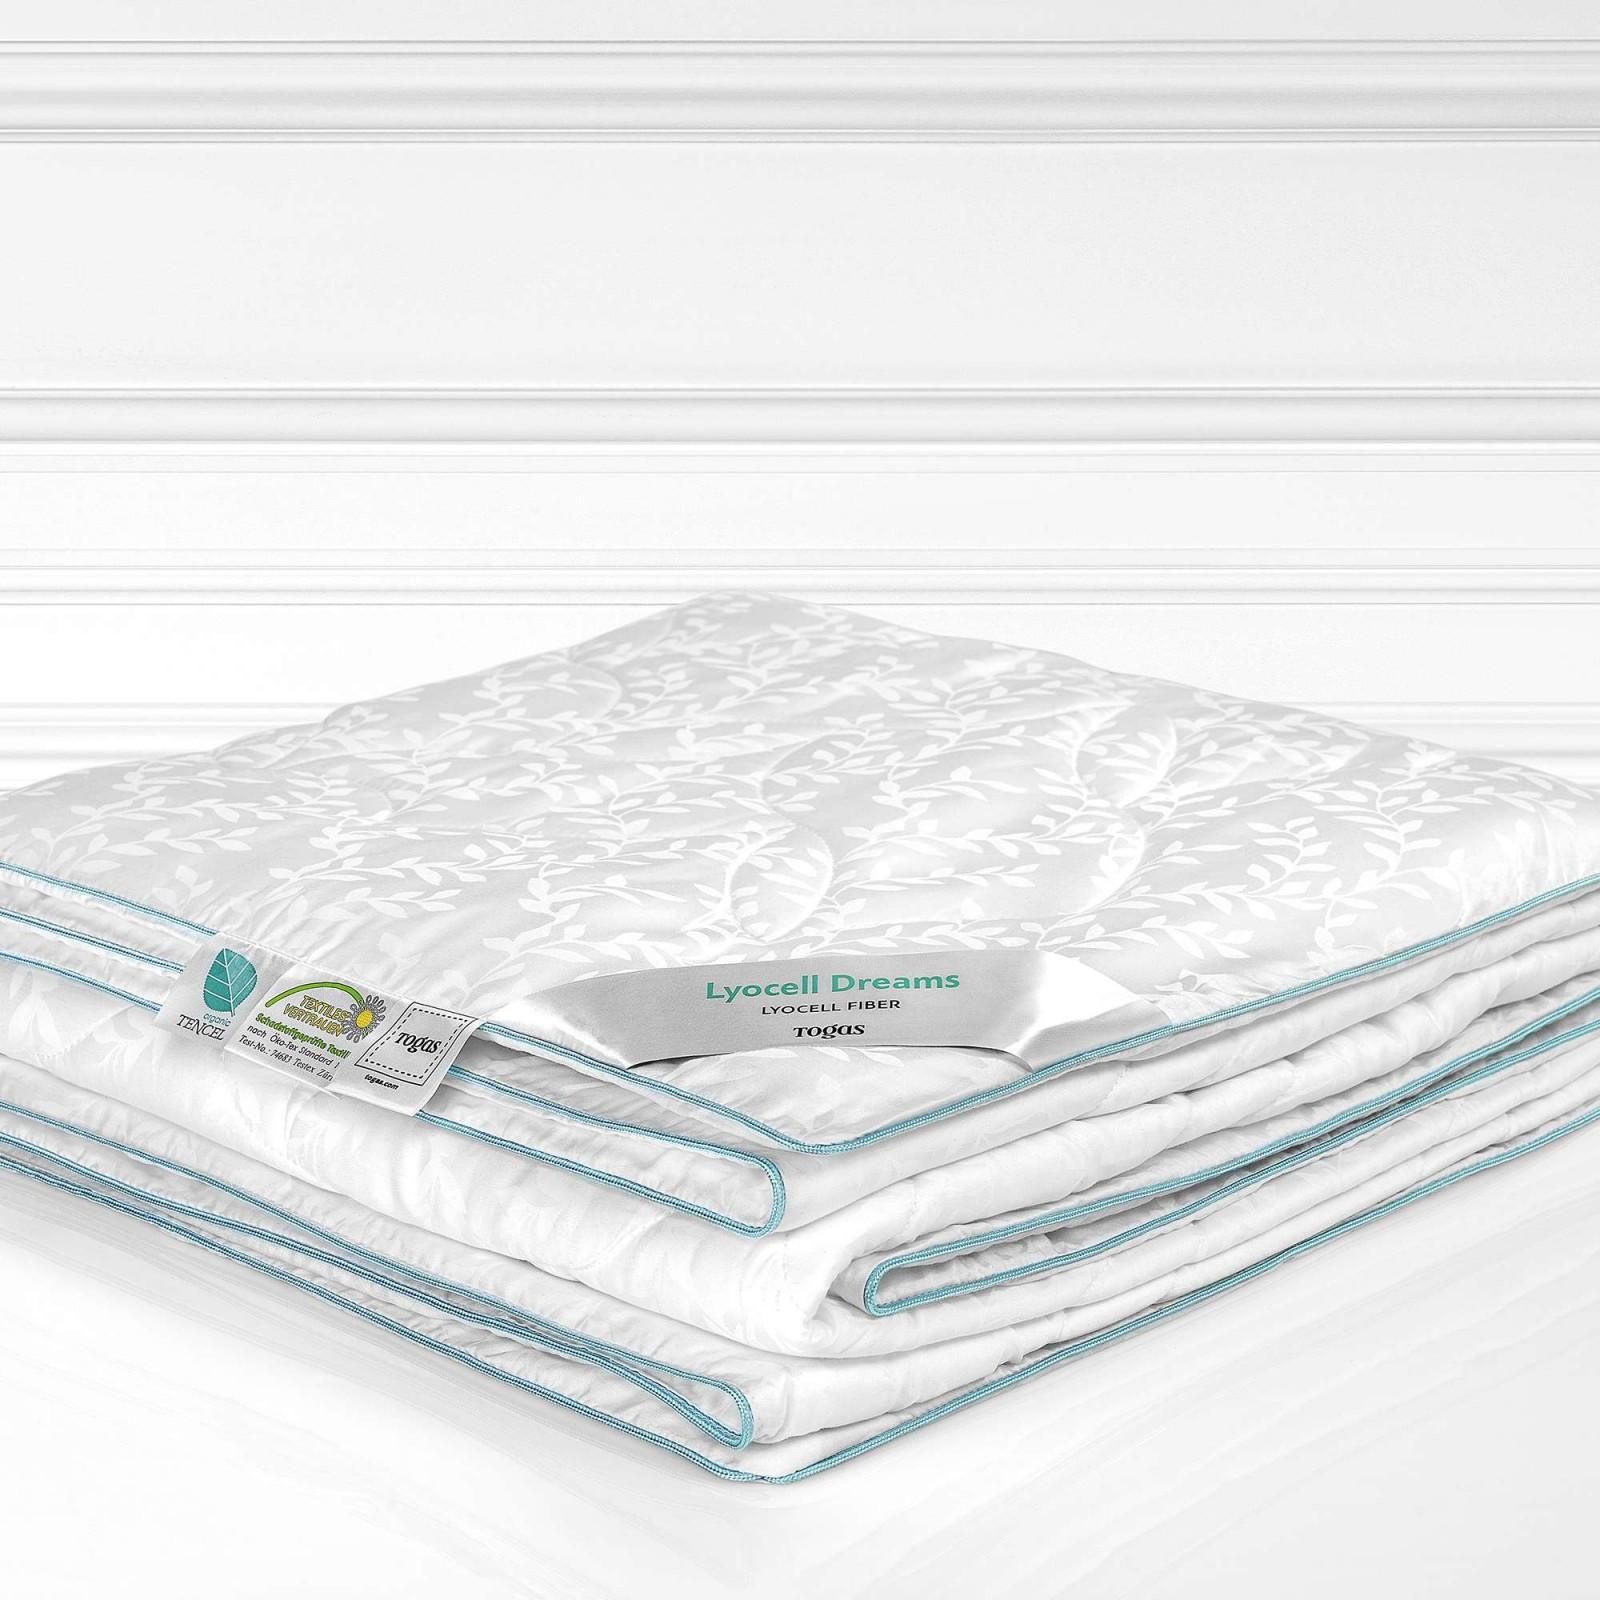 Одеяла Togas Одеяло Лиоцель Дримс Всесезонное (200х210 см) одеяла togas одеяло гелиос 220х240 см